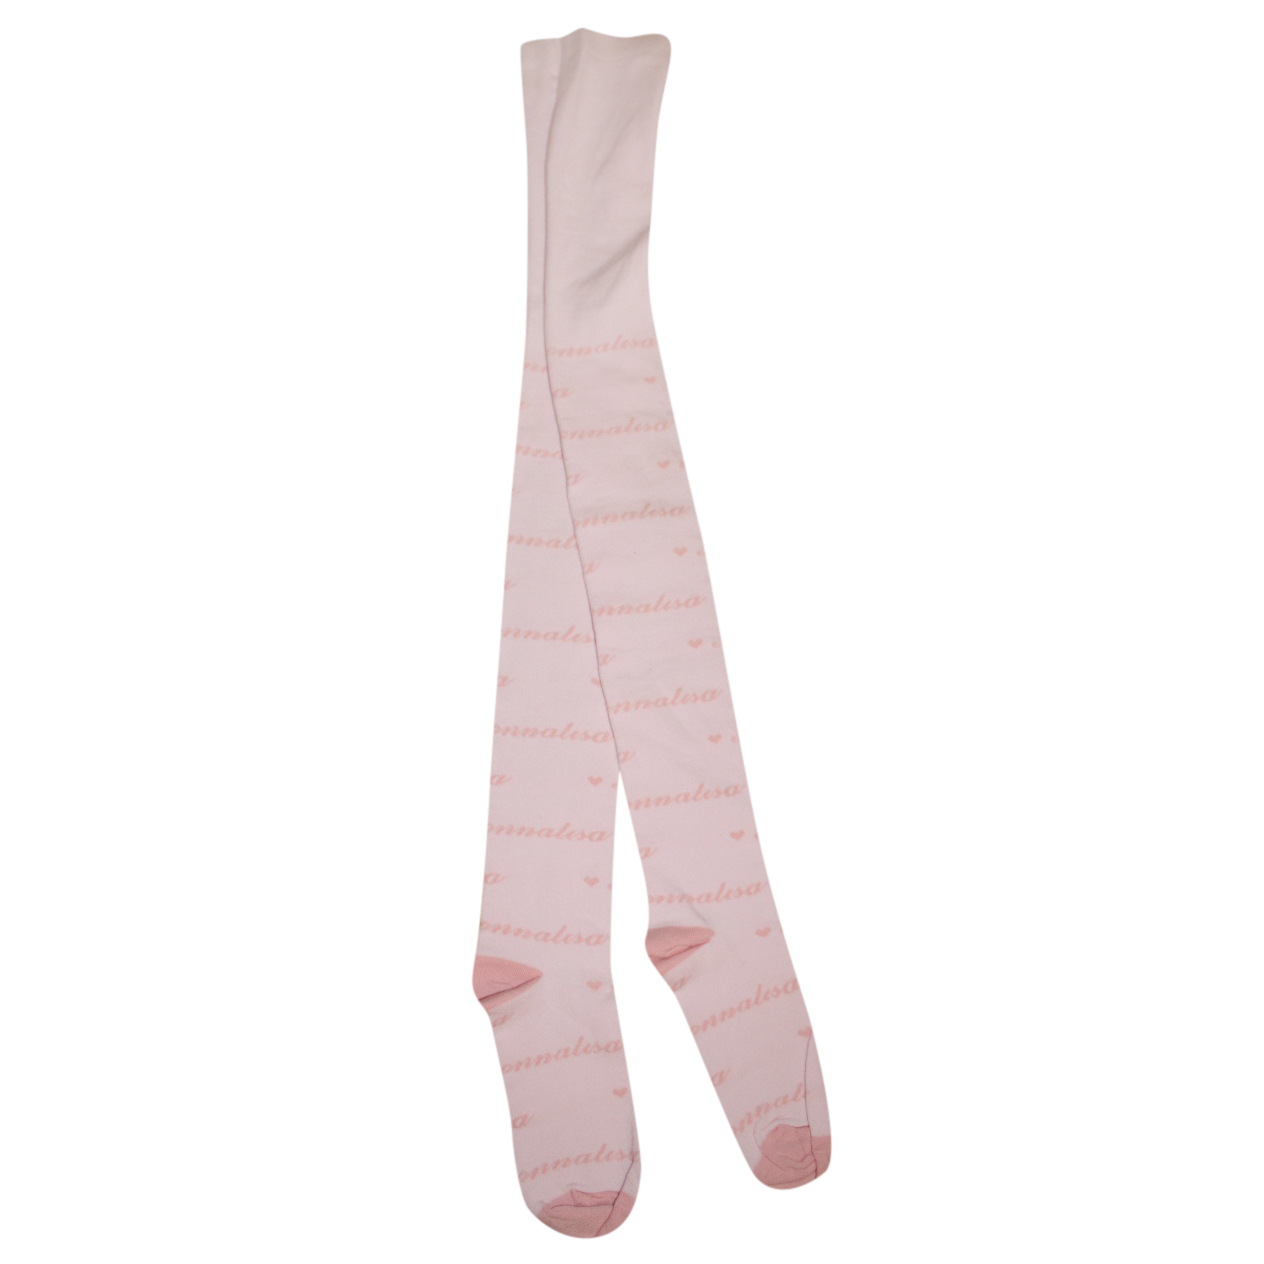 Monnalisa girl's signature tights